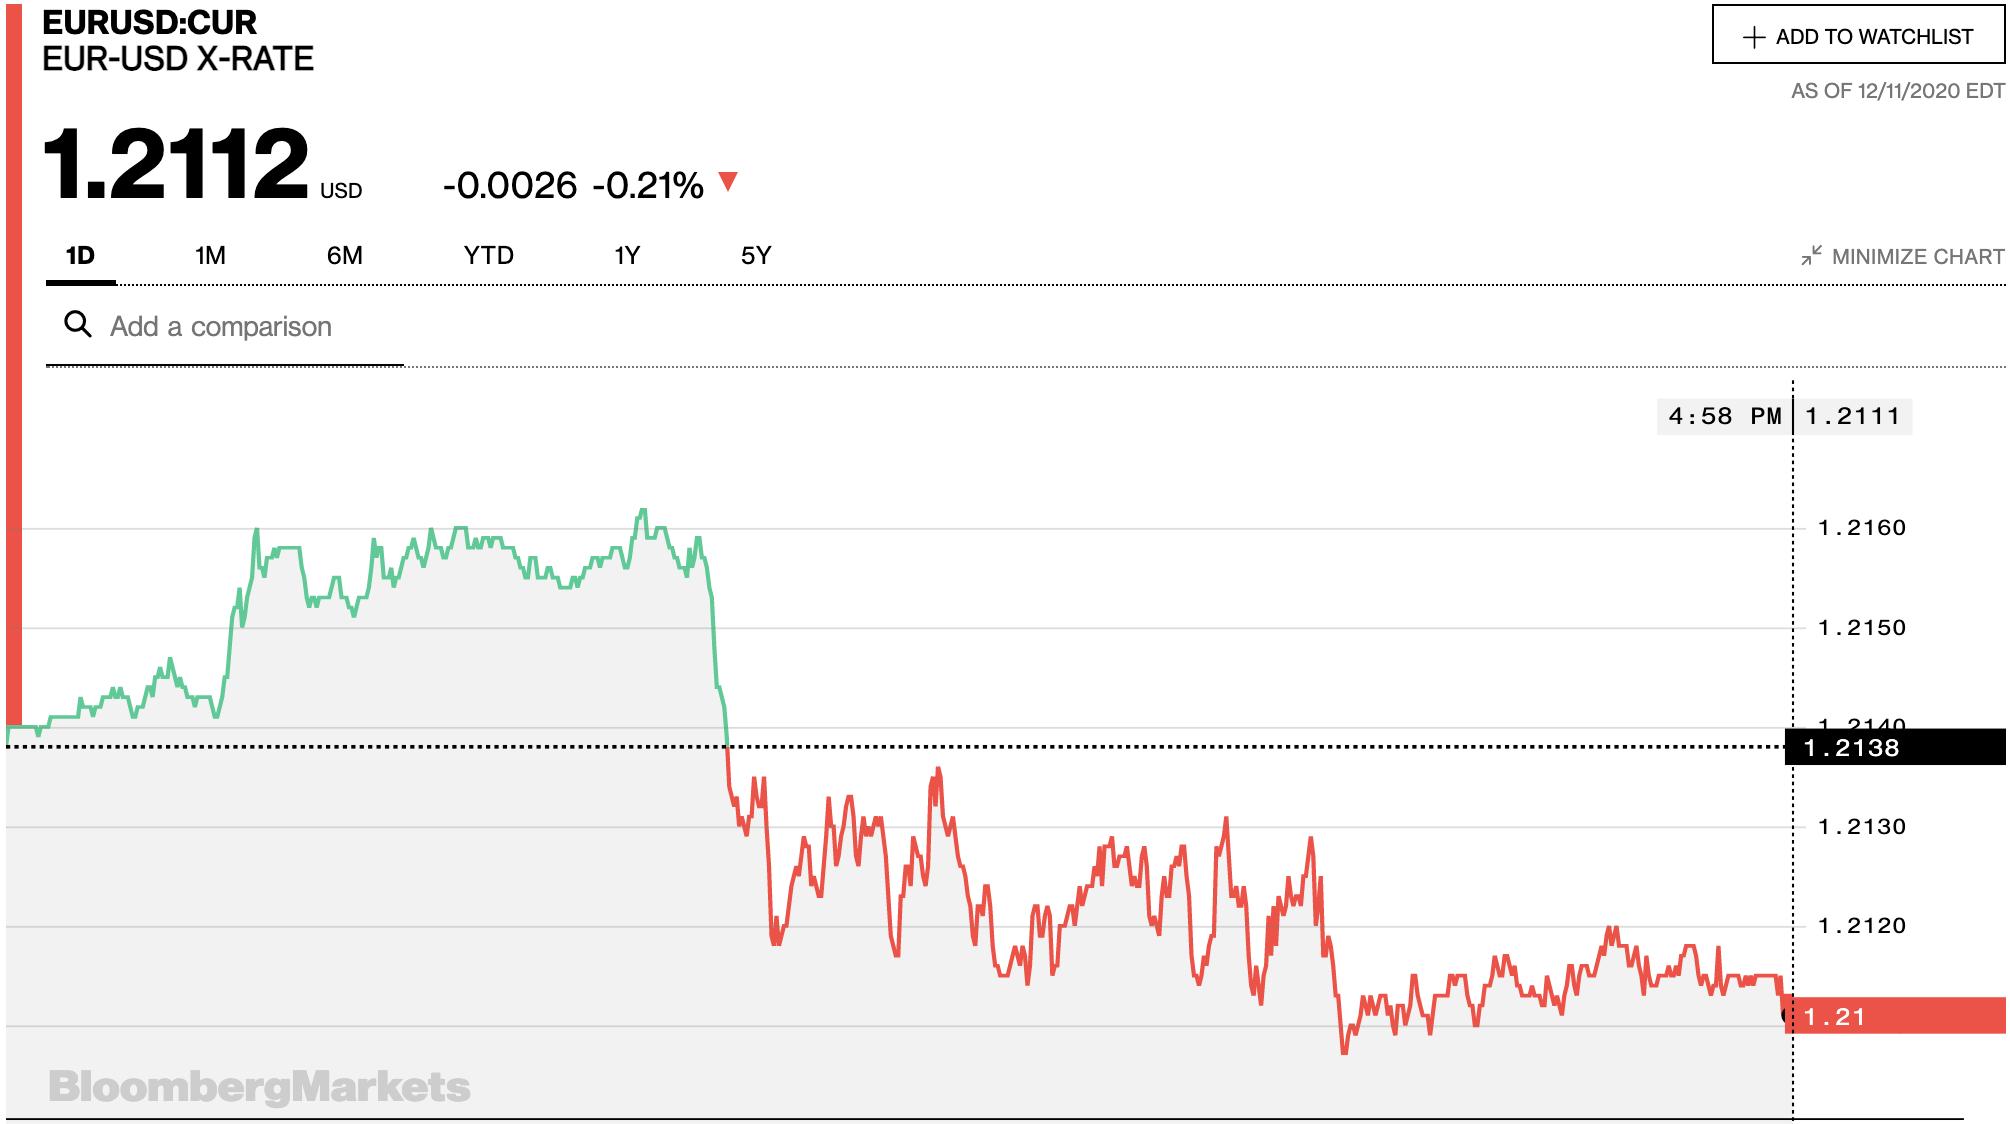 Tỷ giá euro hôm nay 12/12: Biến động trái chiều tại các ngân hàng - Ảnh 2.